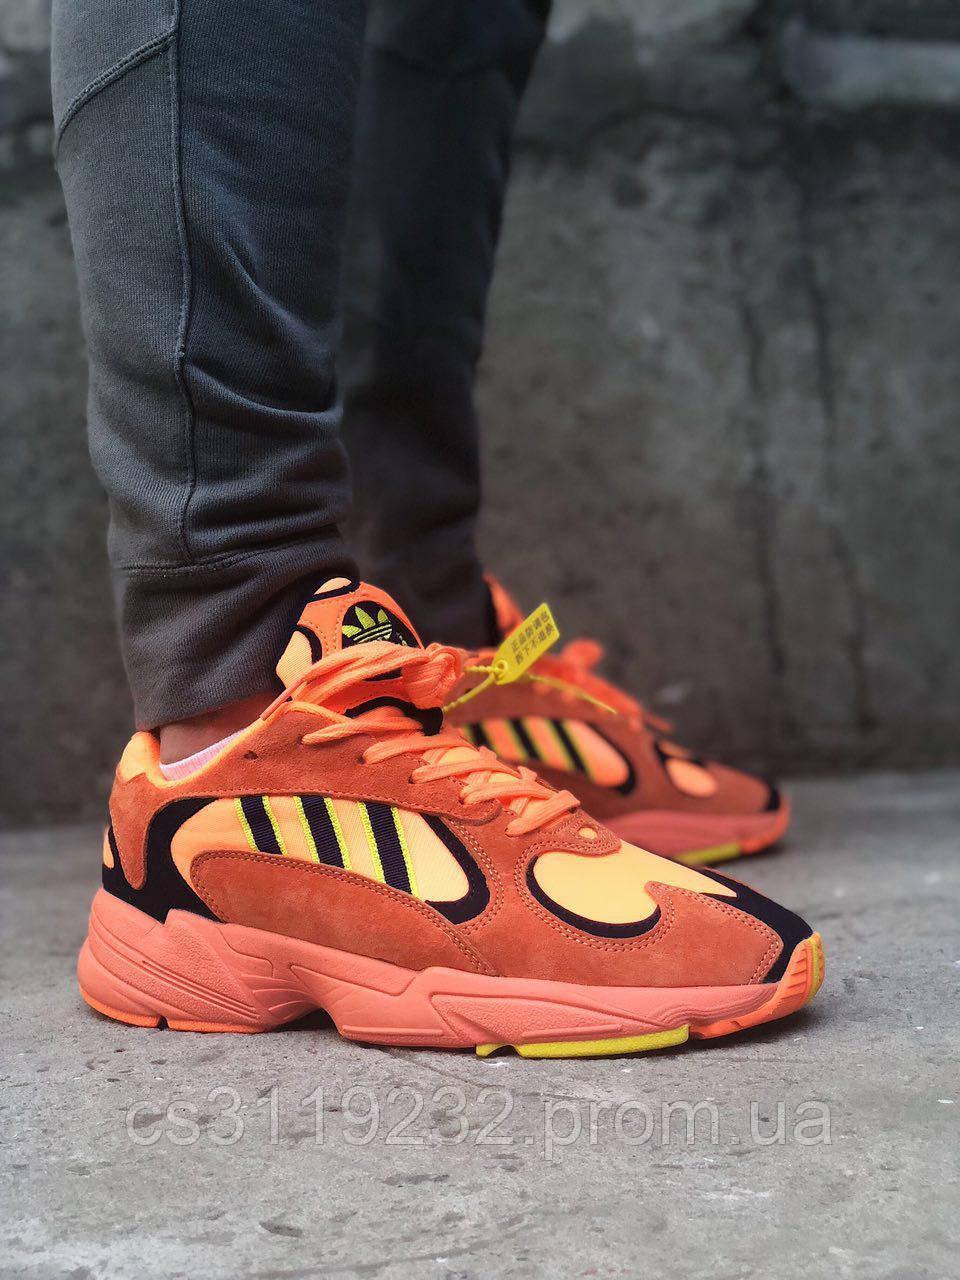 Жіночі кросівки Adidas Yung 1 Hi Res Orange (помаранчеві)